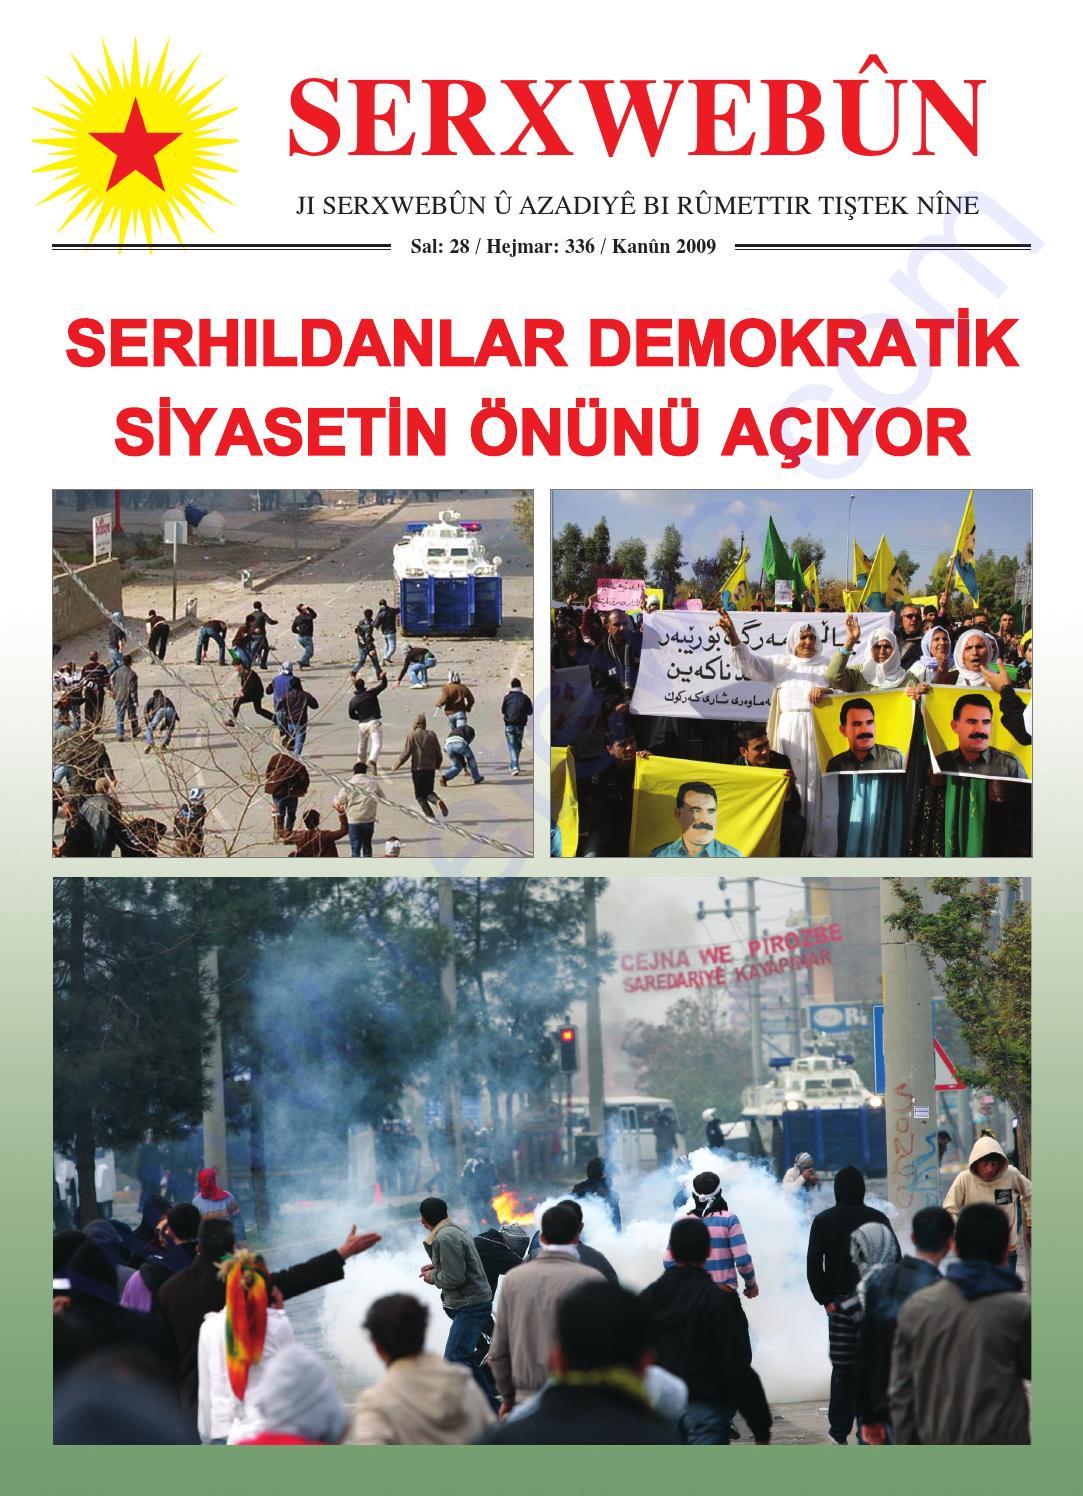 Kılıçdaroğlundan CHPli muhaliflere: Felsefi derinlik gösterin, sabaha bırakır giderim 52